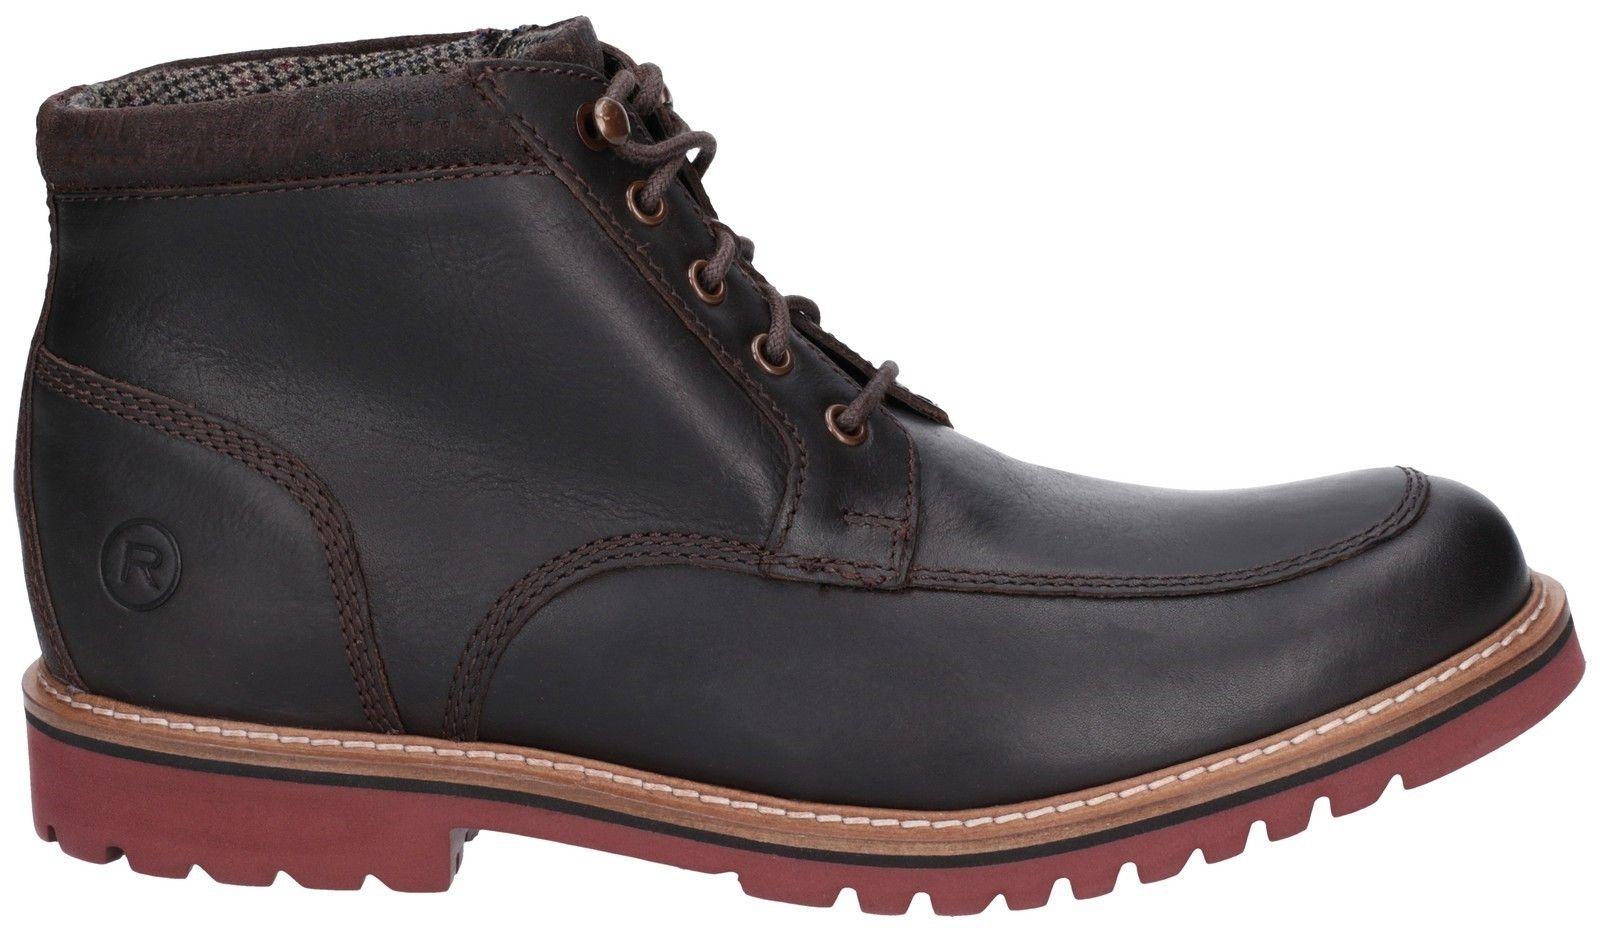 Marshall Rugged Moccasin Toe Shoe